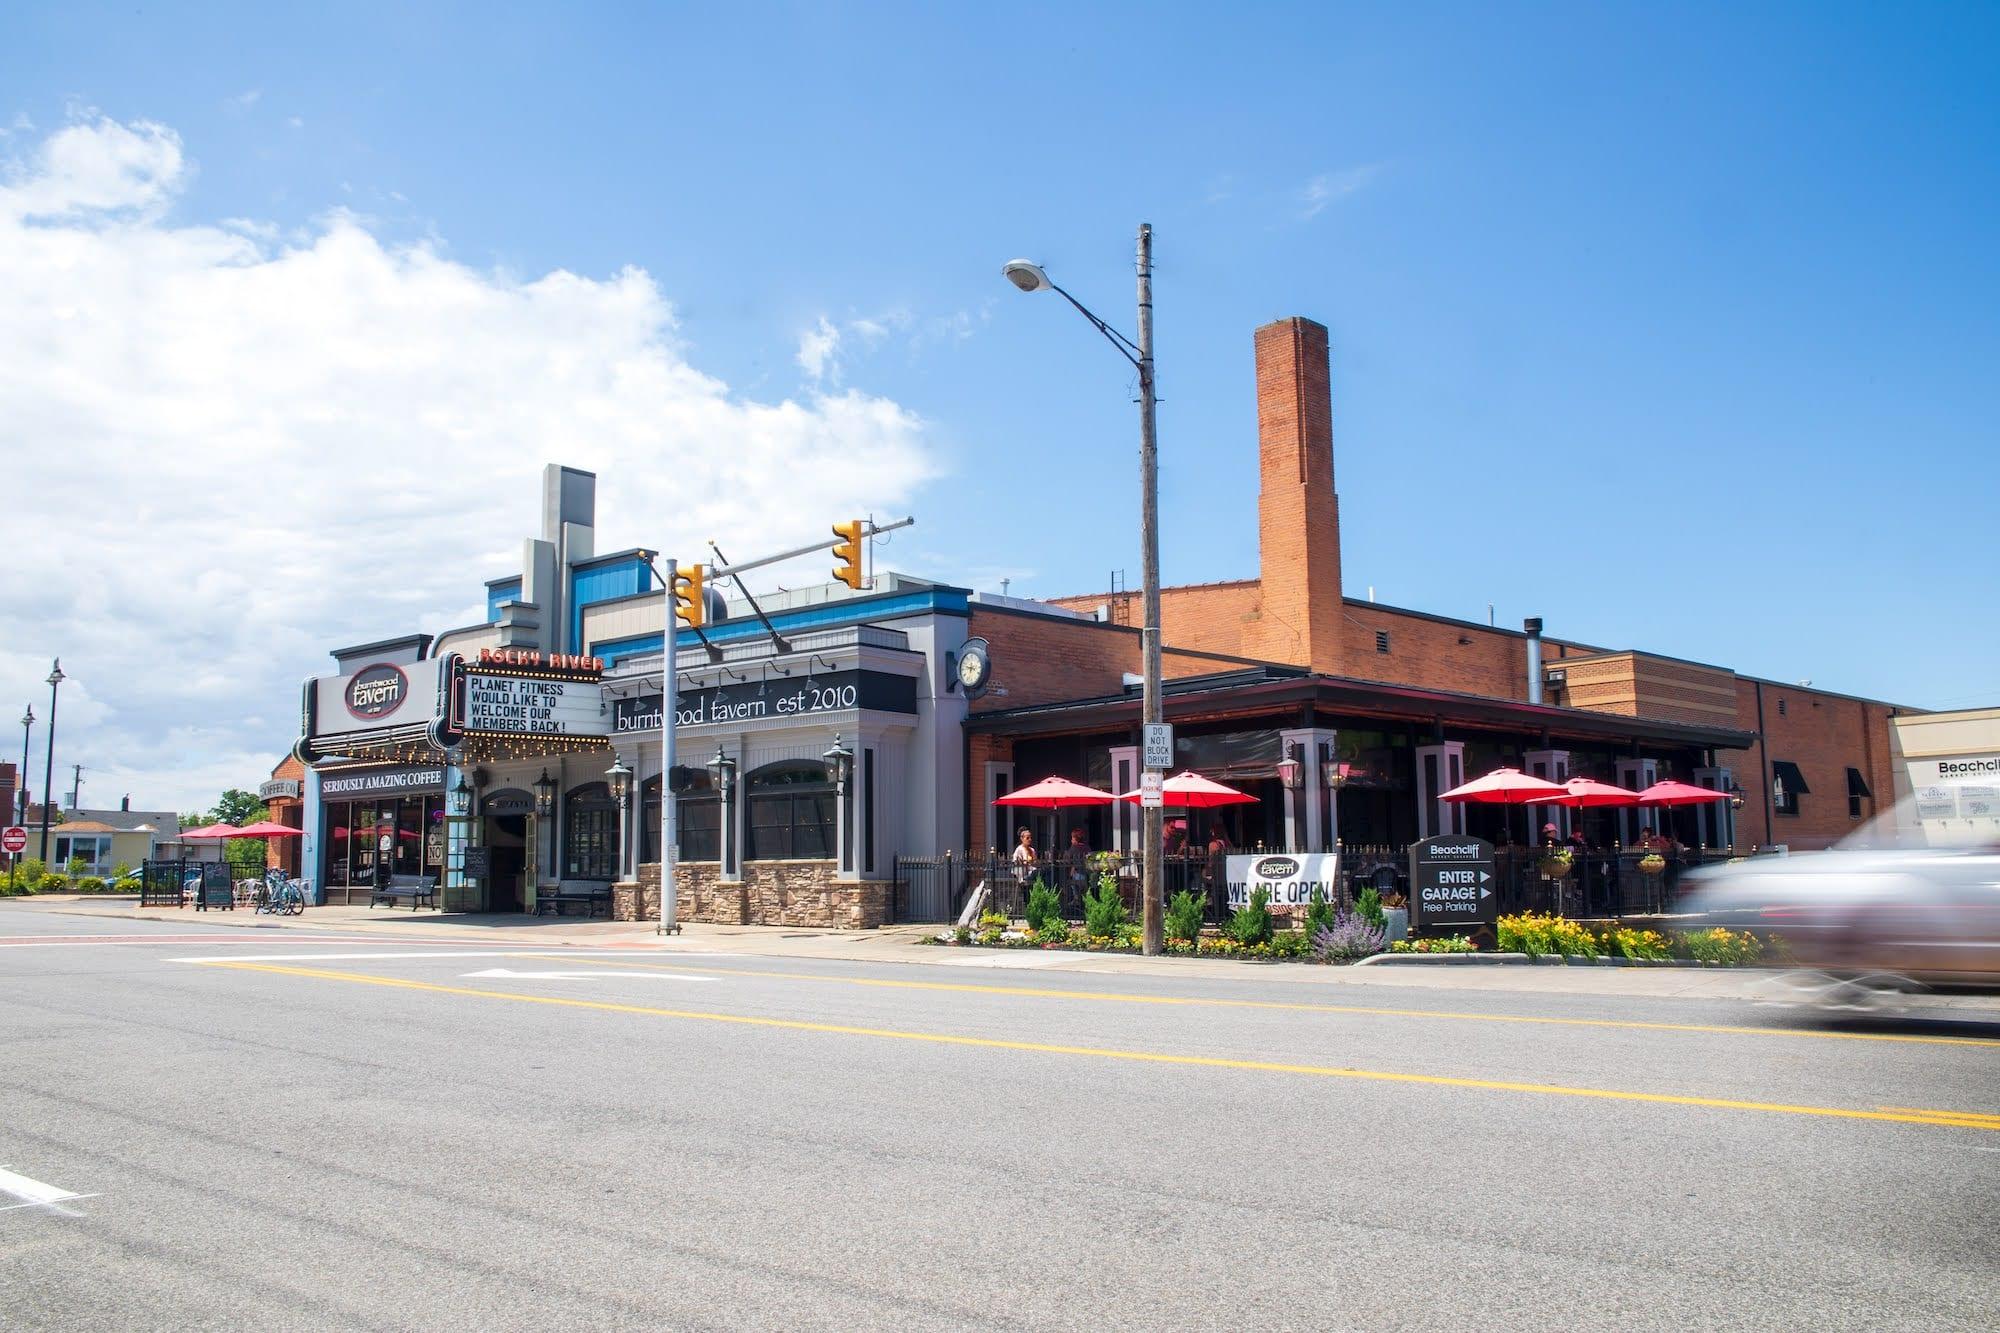 Rocky River - Beachcliff Shopping Center1